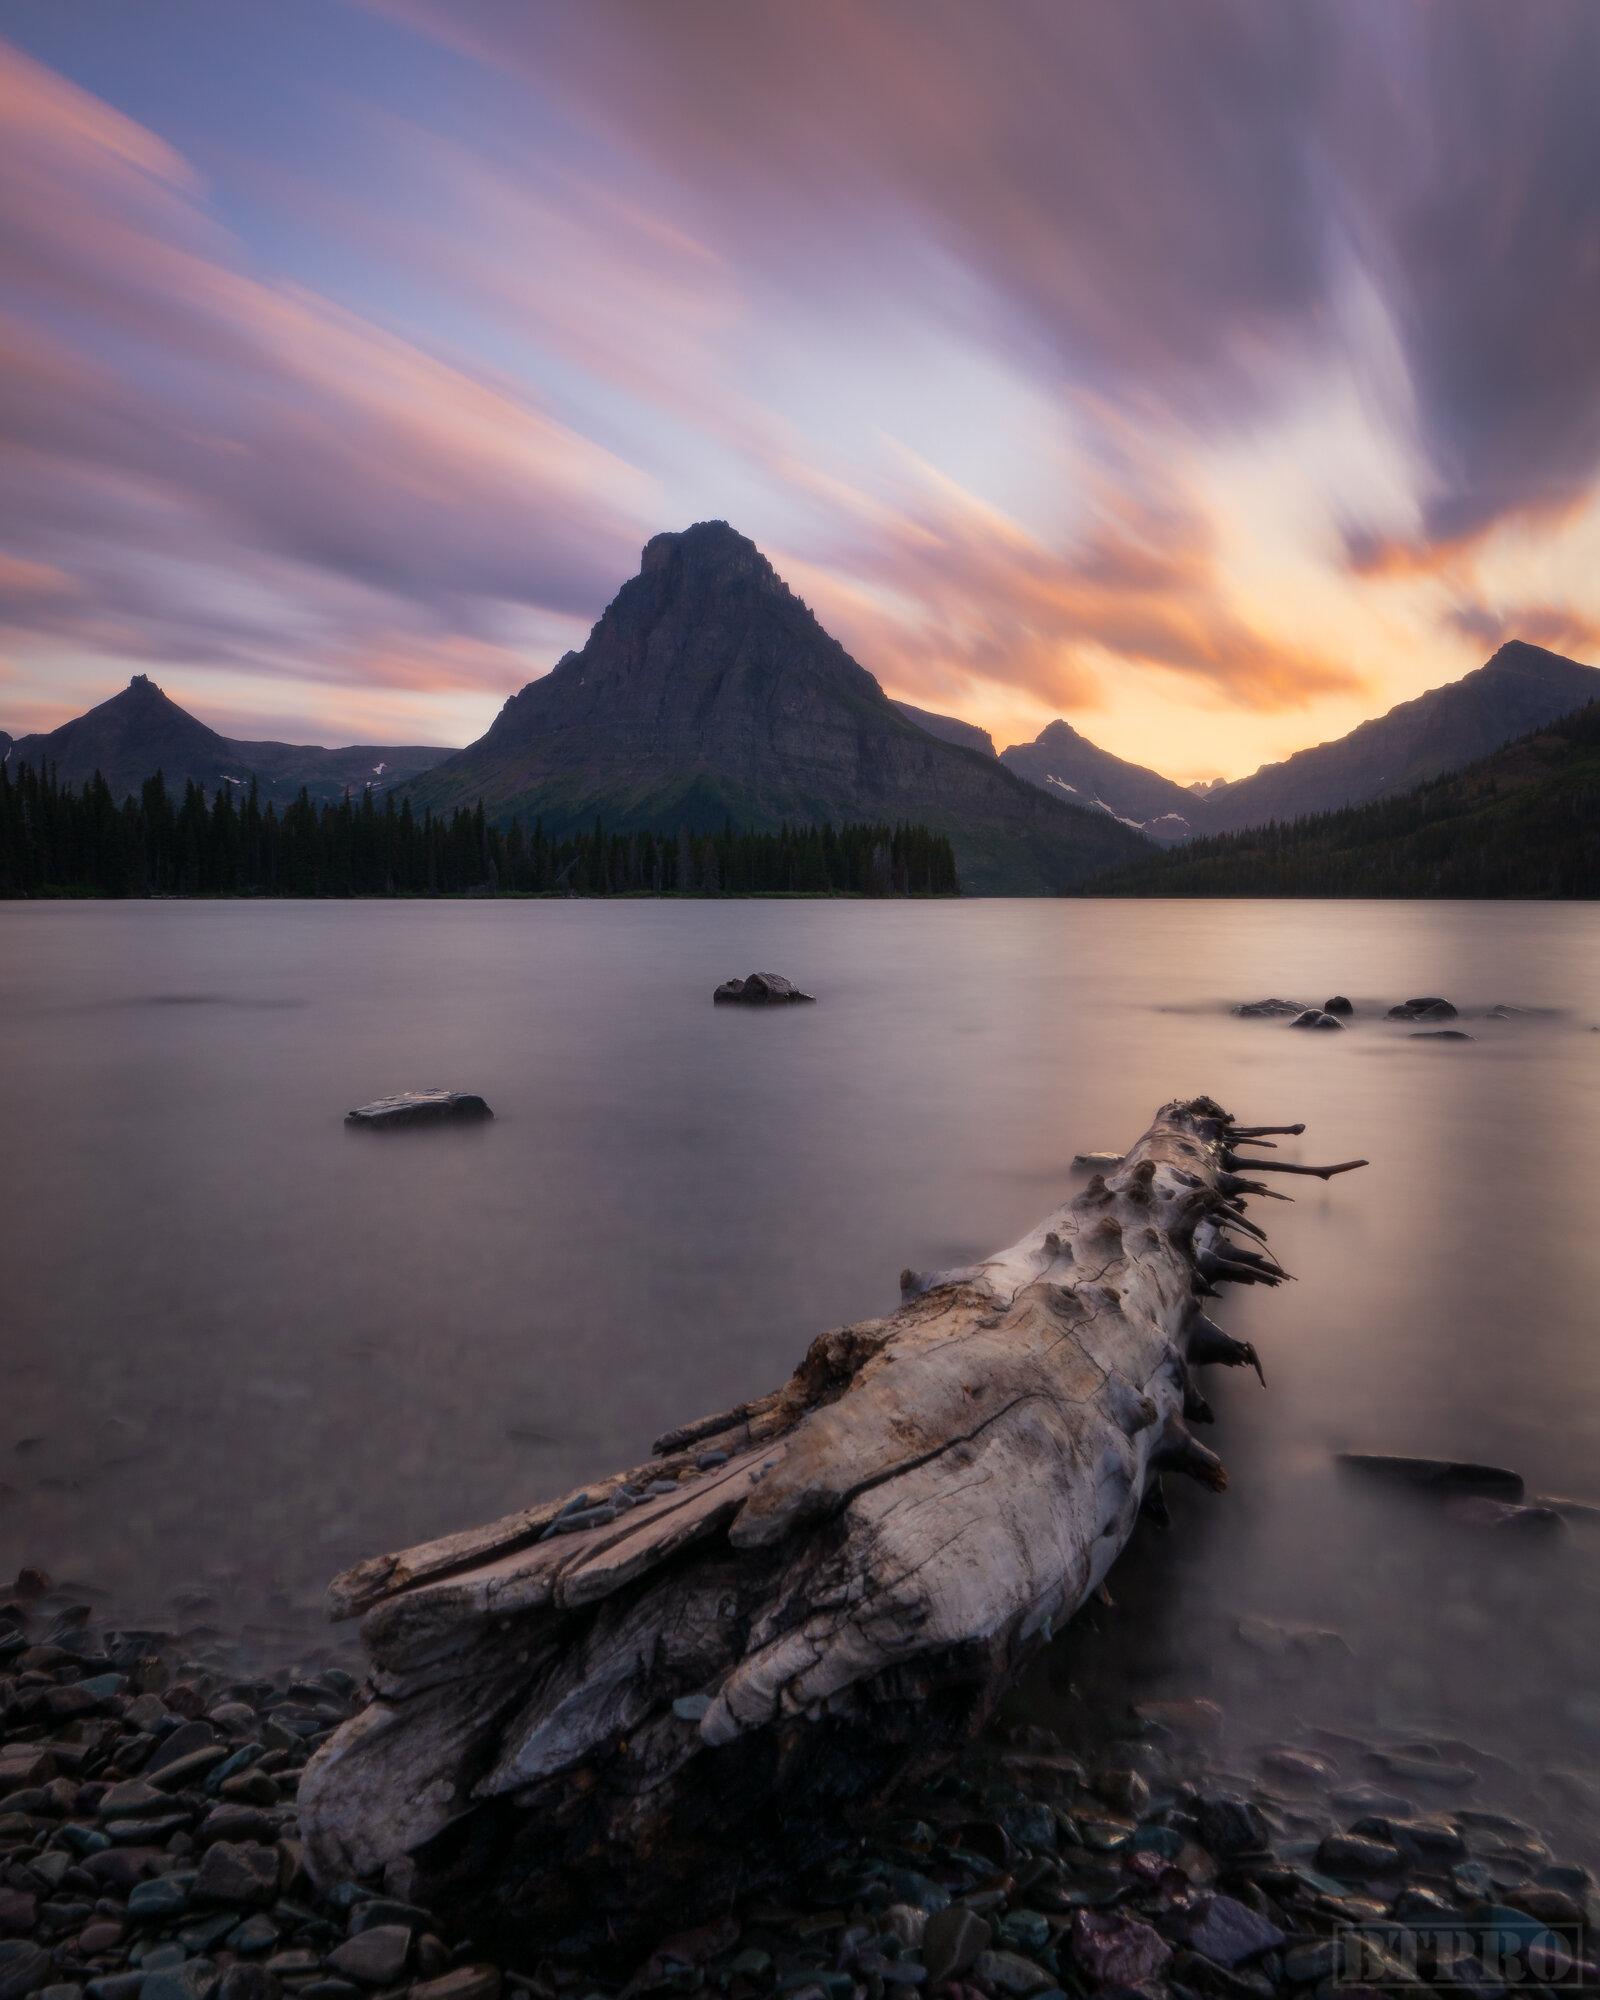 Sunset at Two Medicine Lake